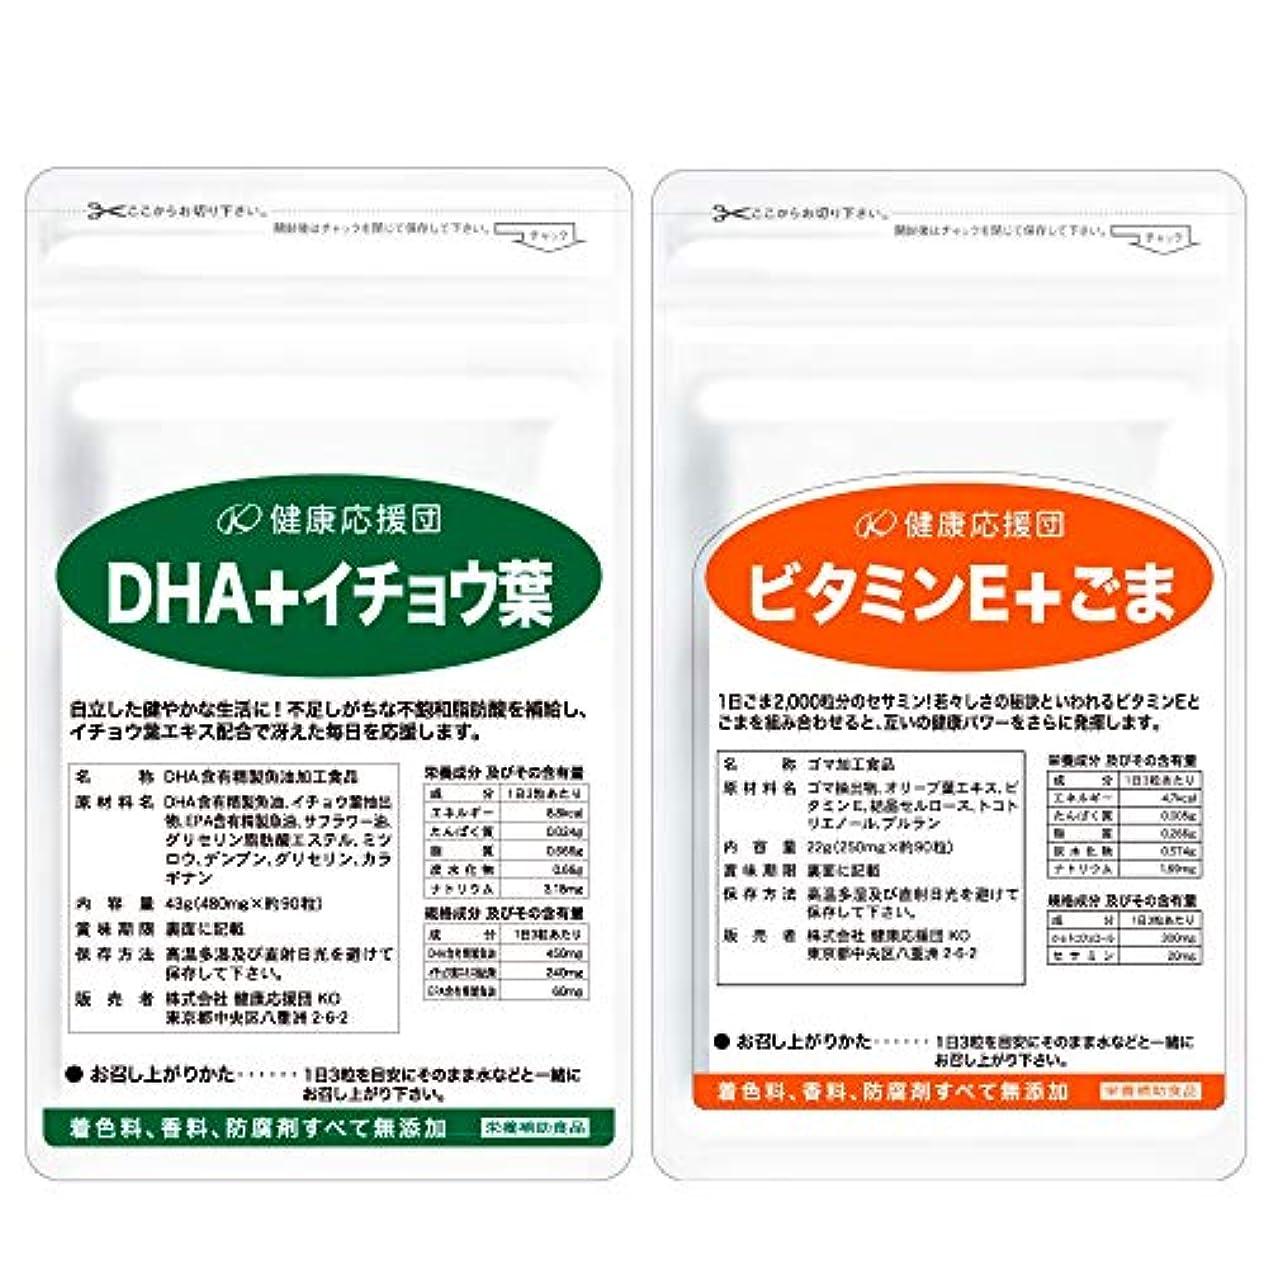 メトロポリタン放射する明示的に(お徳用3か月分)毎日元気セット(ビタミンE+ごま)+(DHA+イチョウ葉エキス) 3袋&3袋セット(DHA?EPA?ビタミンE?セサミン)